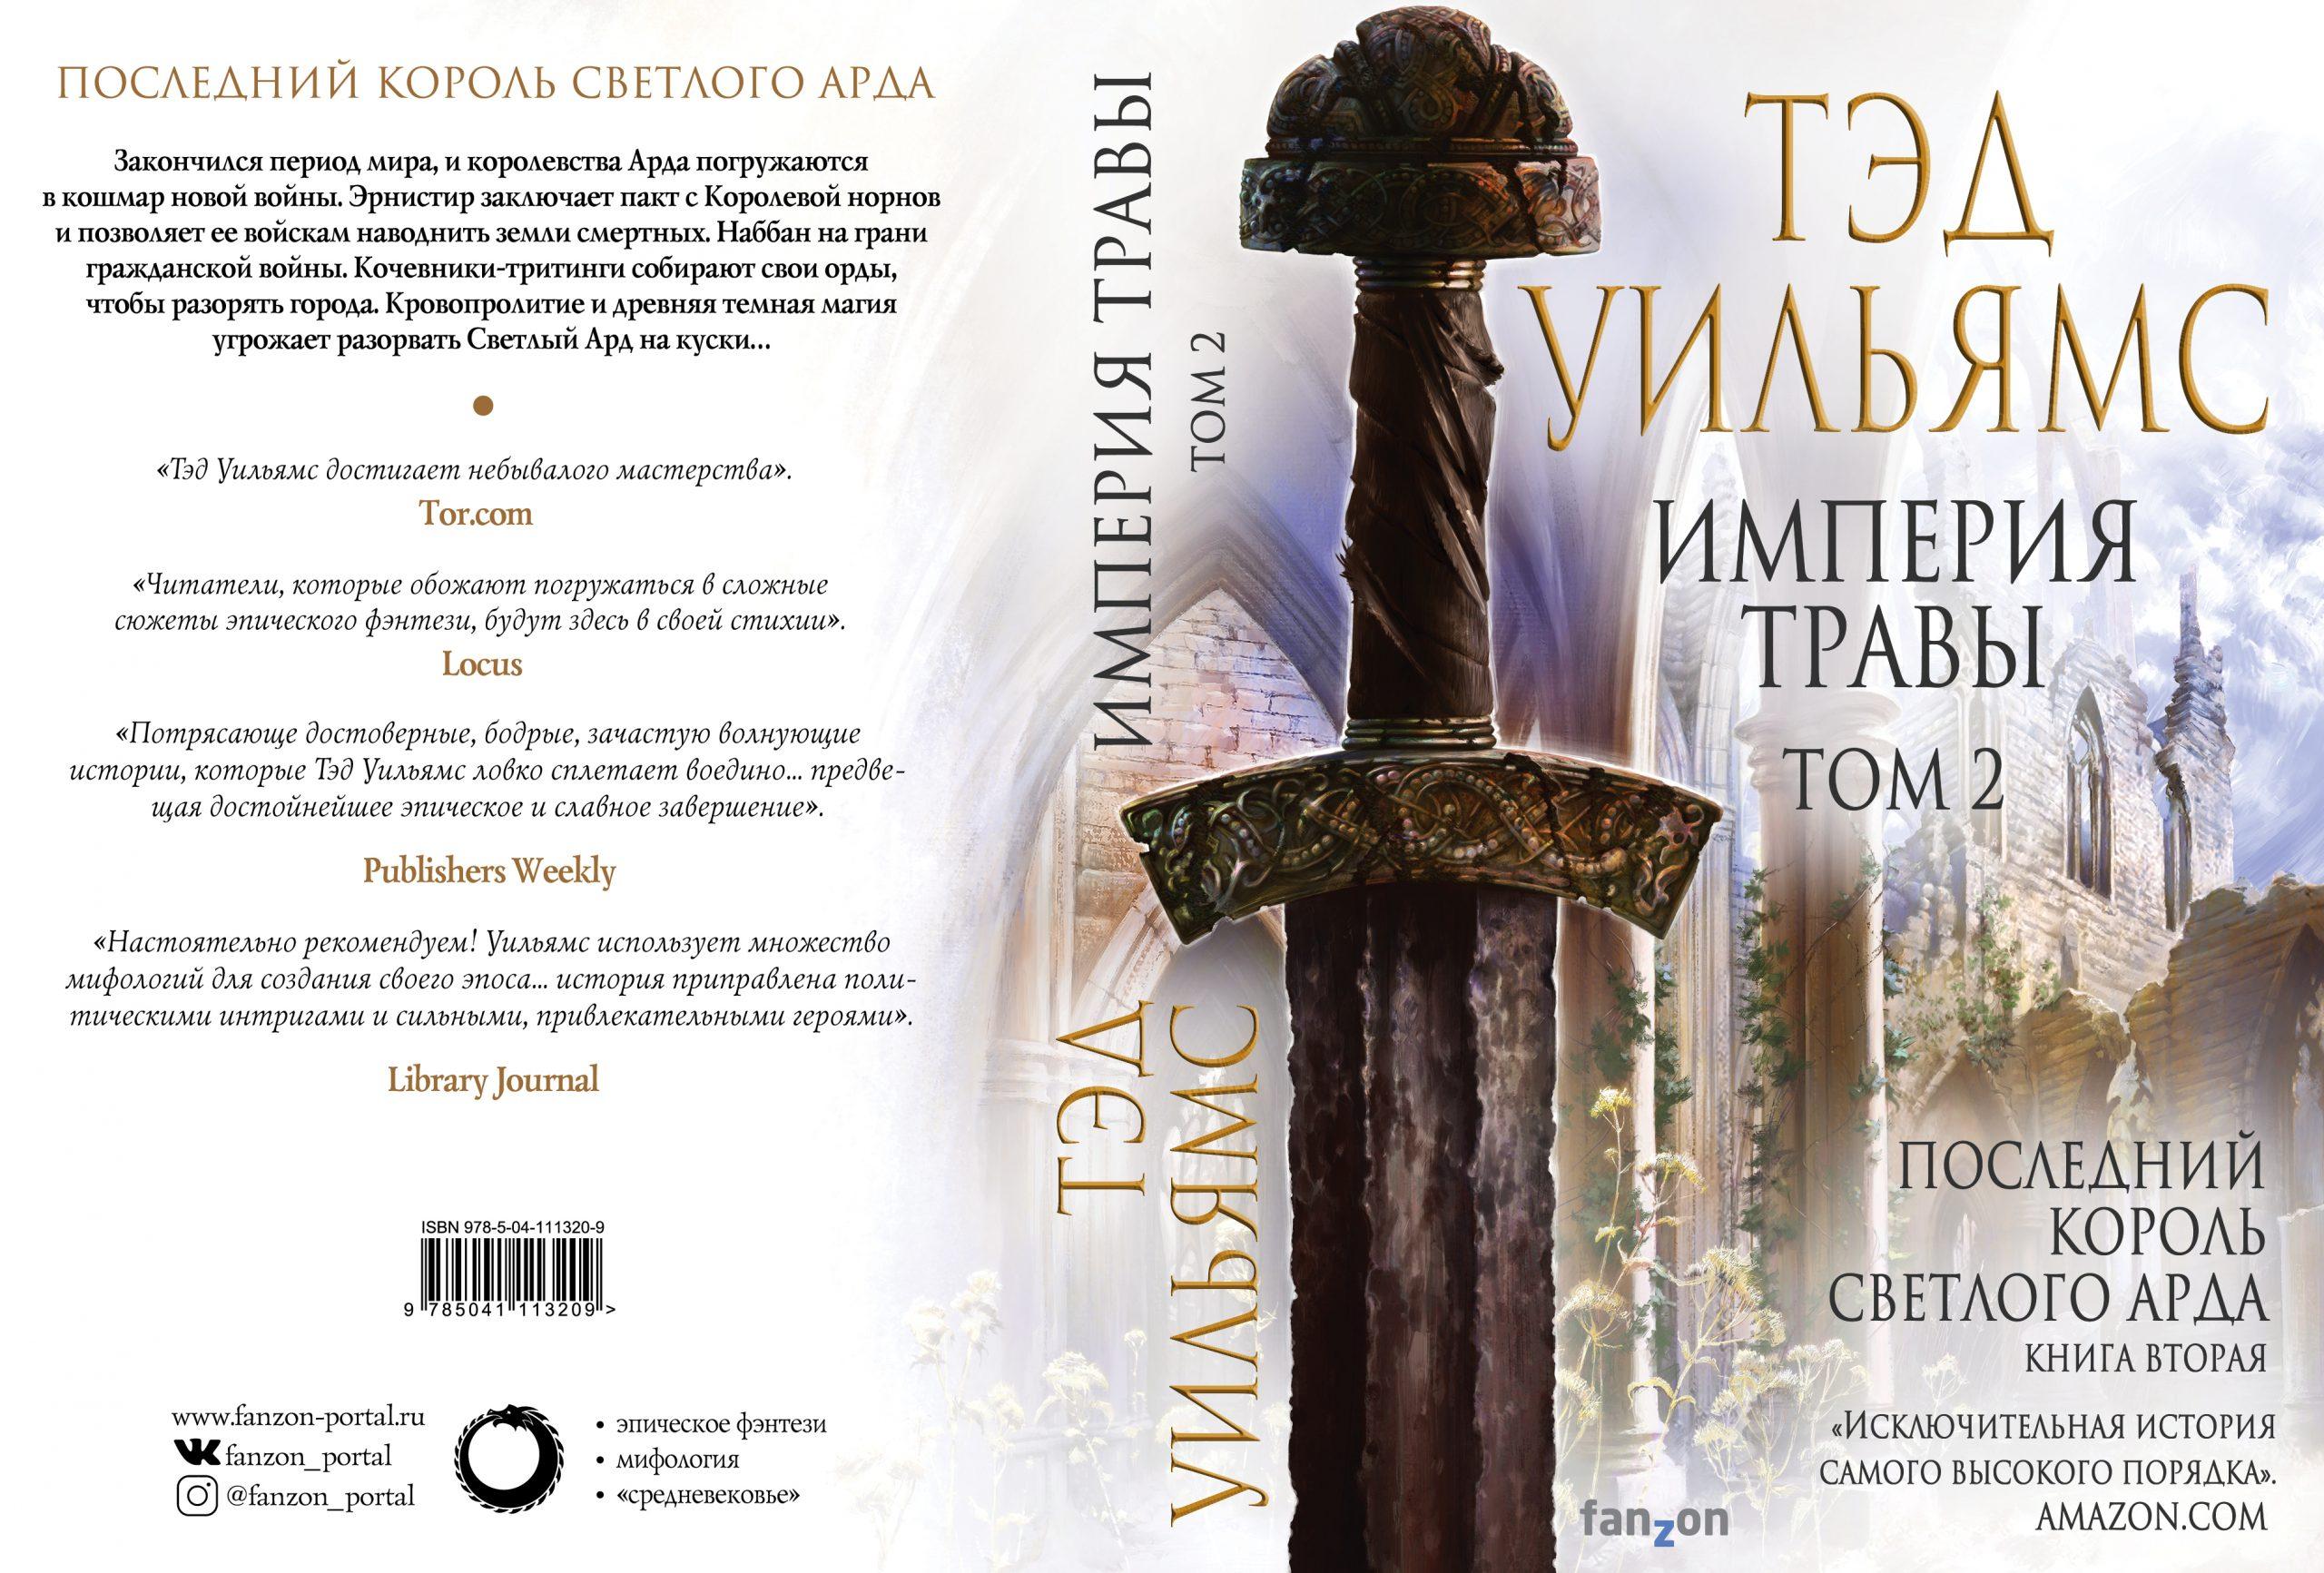 Что почитать: подростковый роман вовселенной «Чужих»и «Империя травы» Уильямса 3